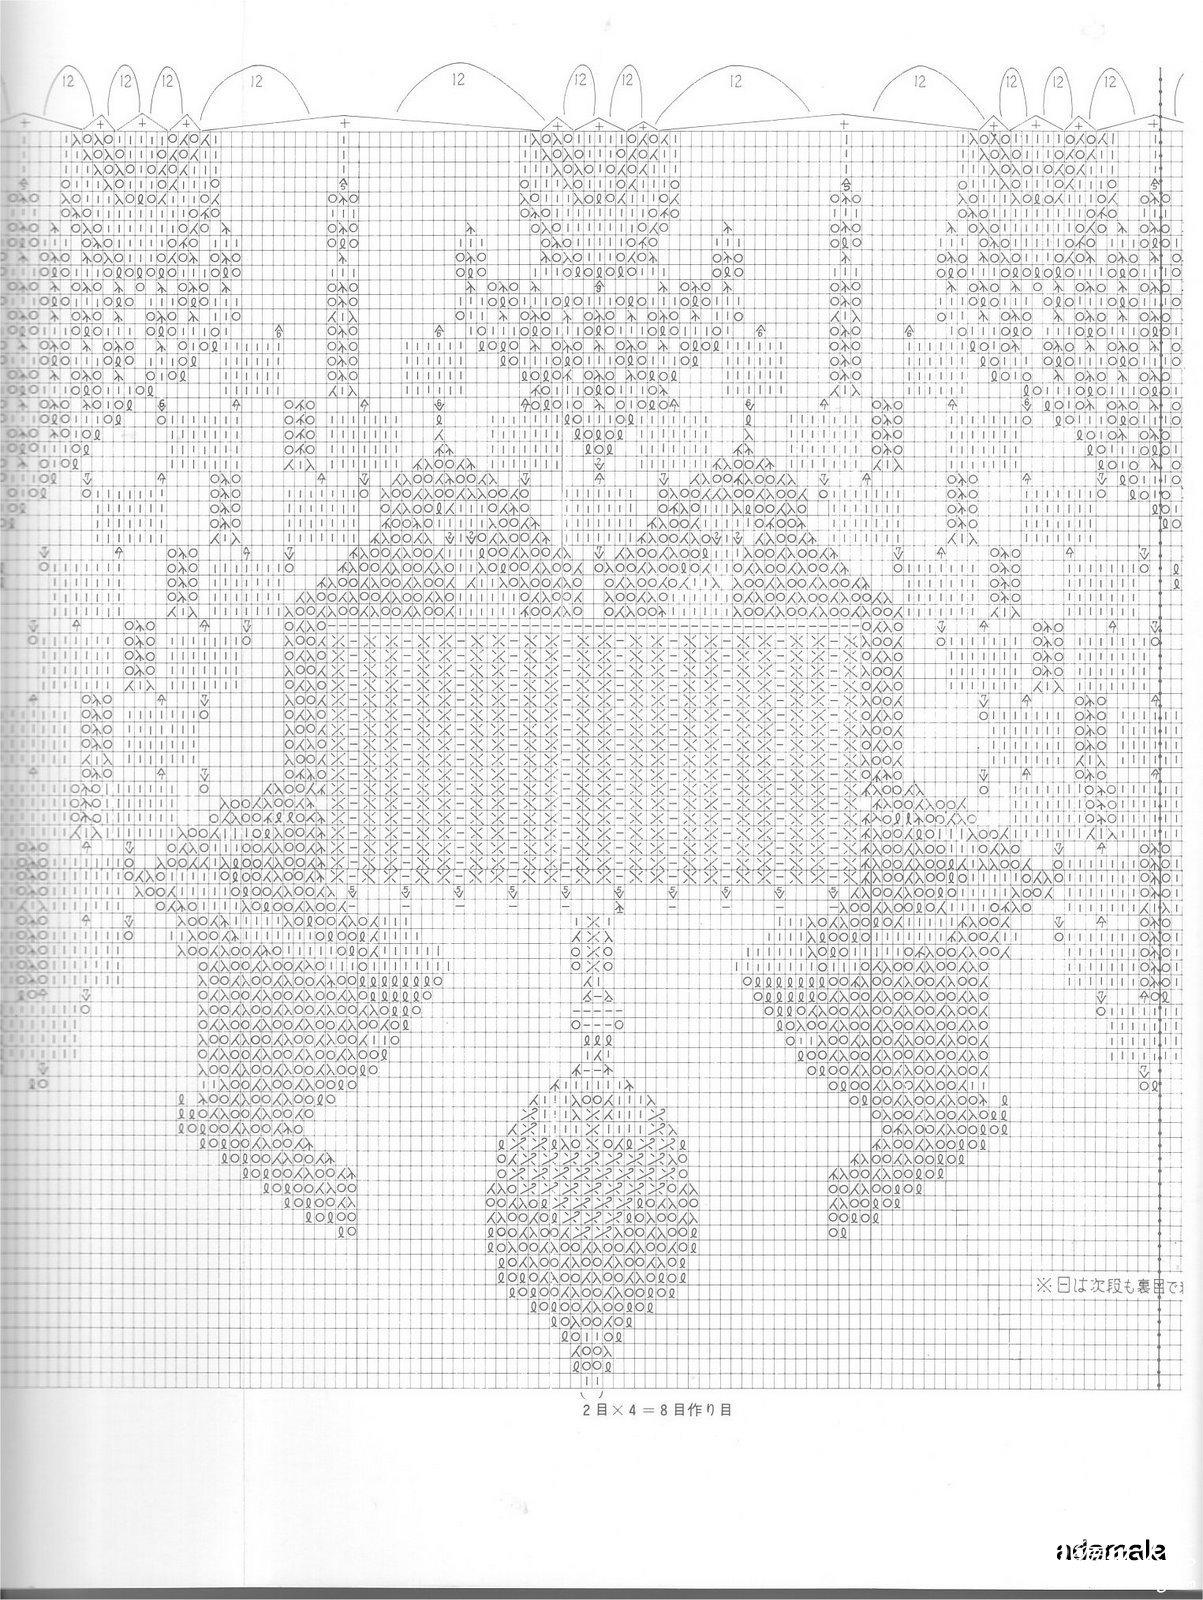 adamala-11图解2.jpg